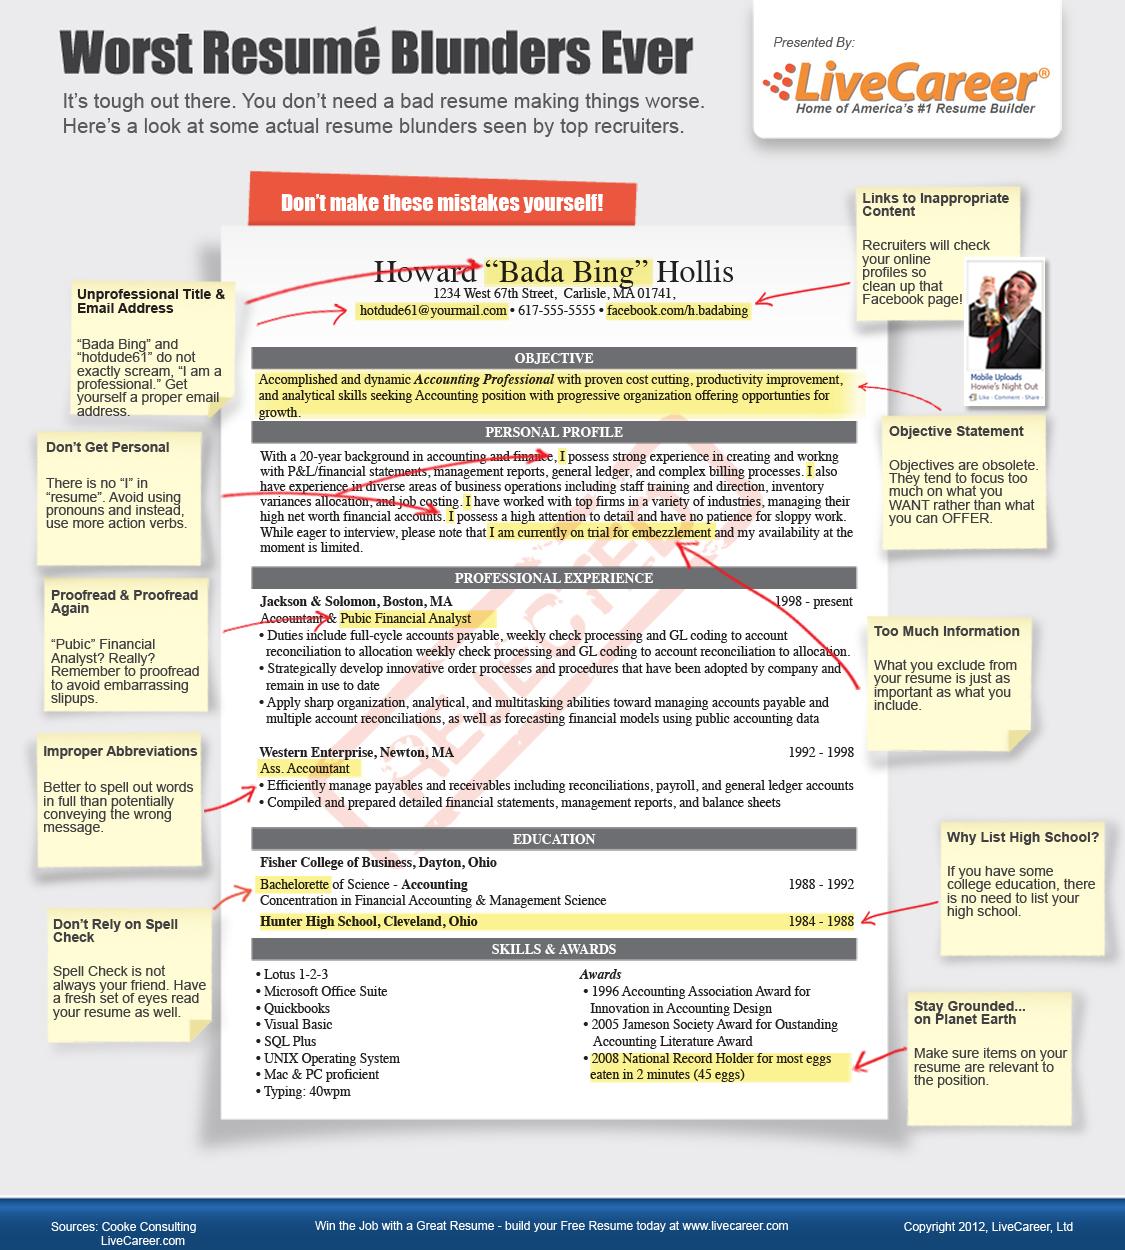 resume blunders examples